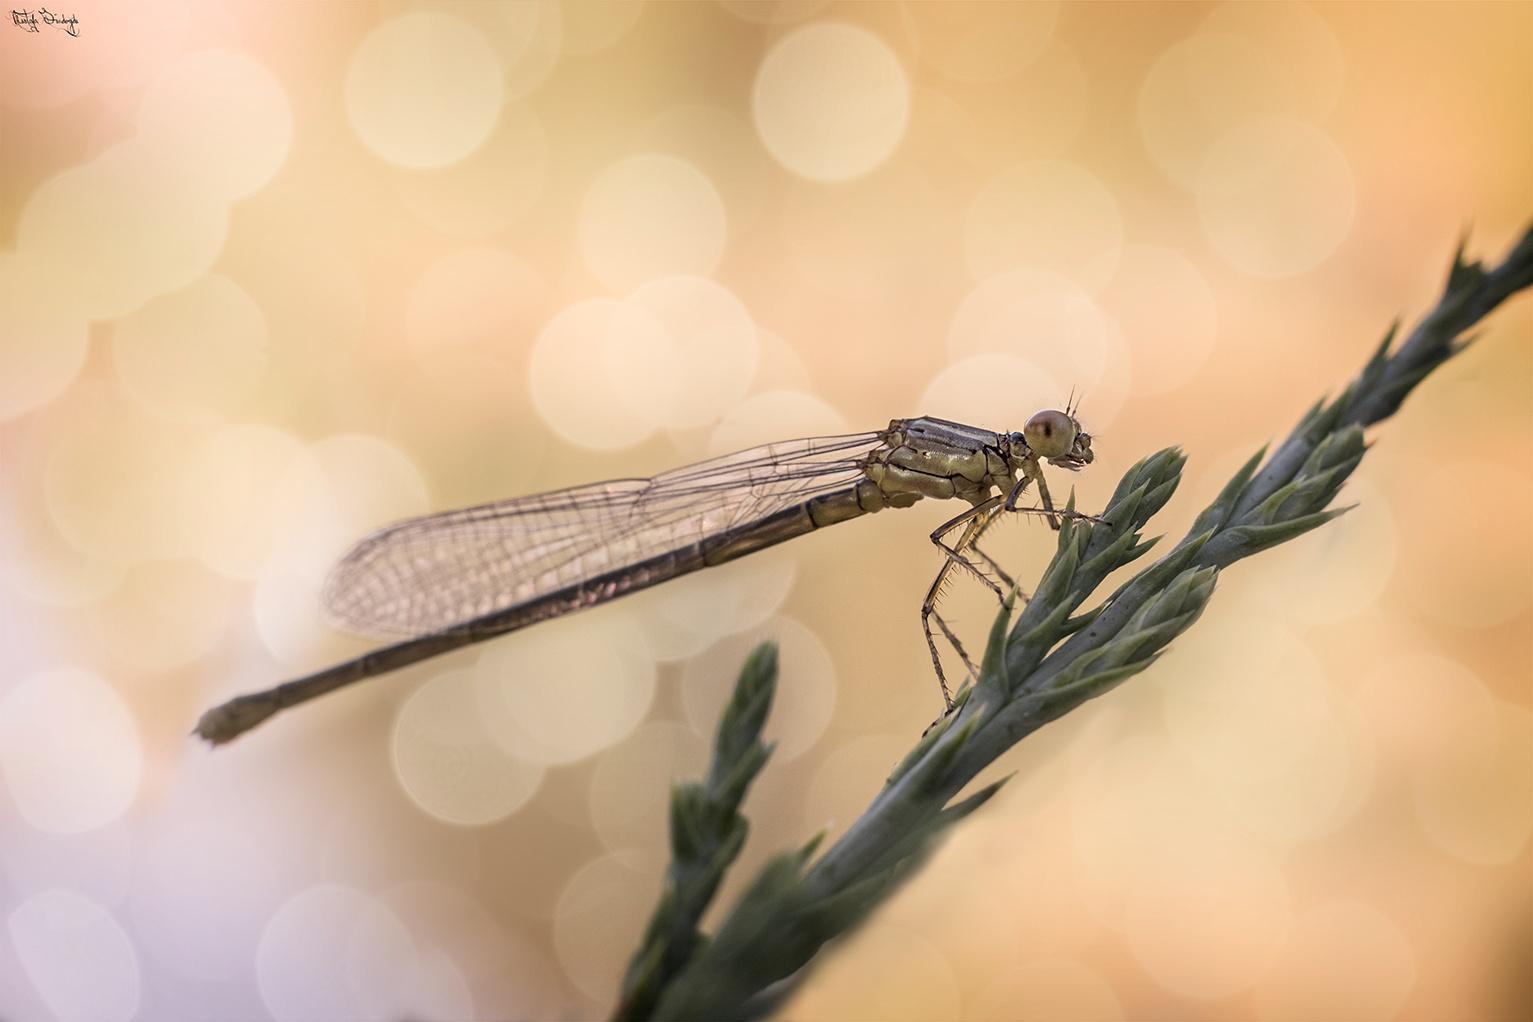 Kızböceği by mustafa71